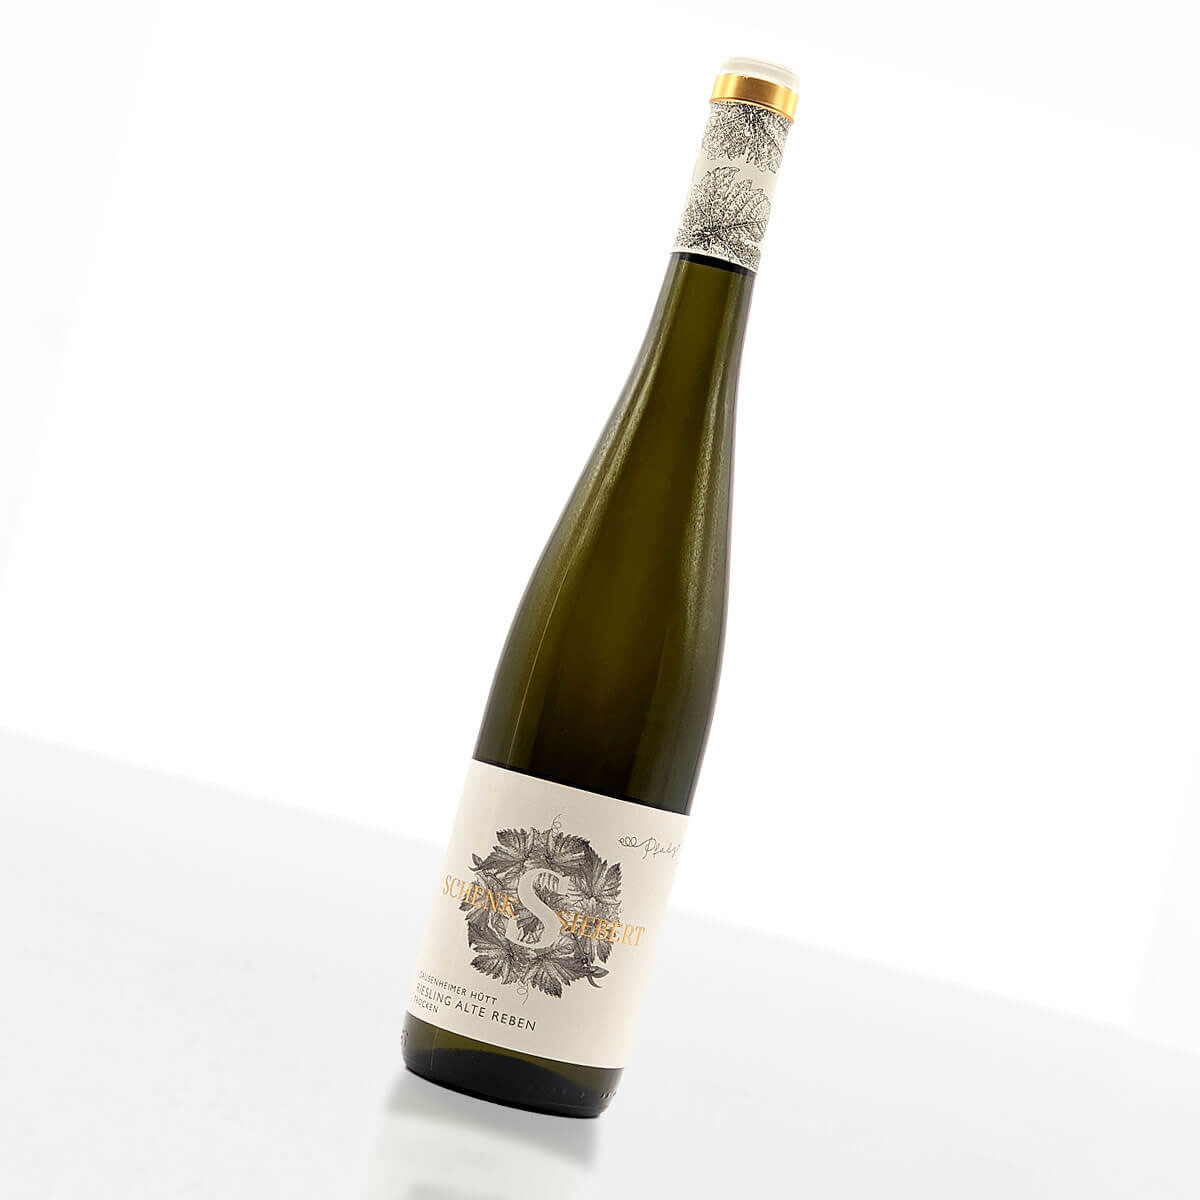 2018 Sausenheimer Hütt - Riesling Alte Reben trocken • Weingut Schenk-Siebert